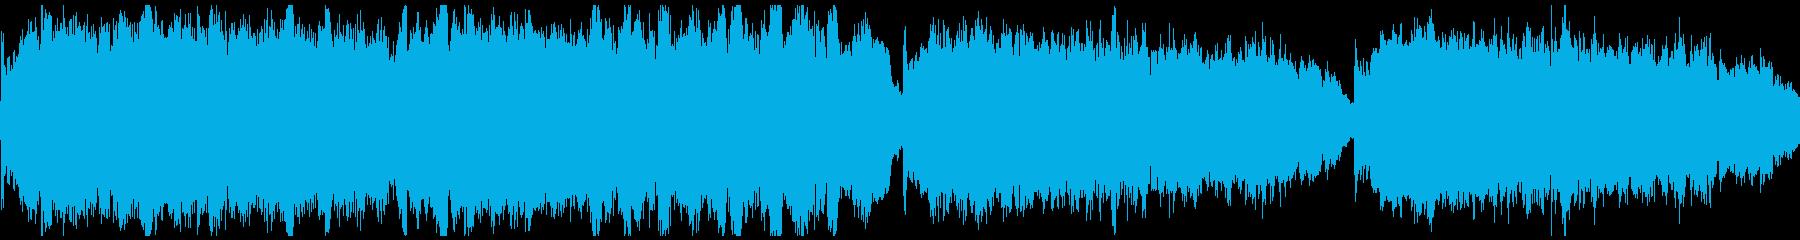 チェロメインの優雅なクラシカルBGMの再生済みの波形